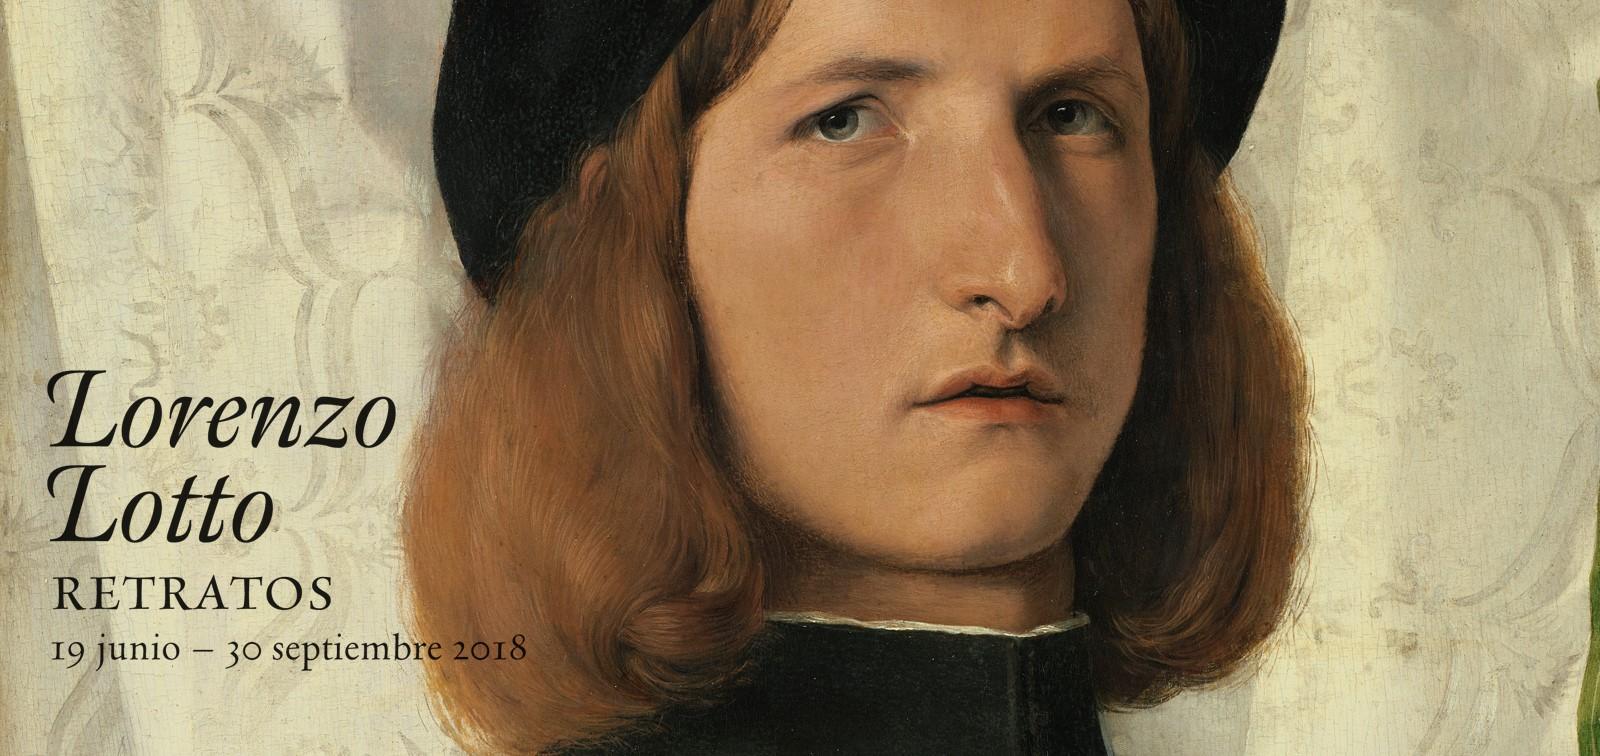 6e4249c39 Los retratos de Lorenzo Lotto en el Museo del Prado – Raras Artes